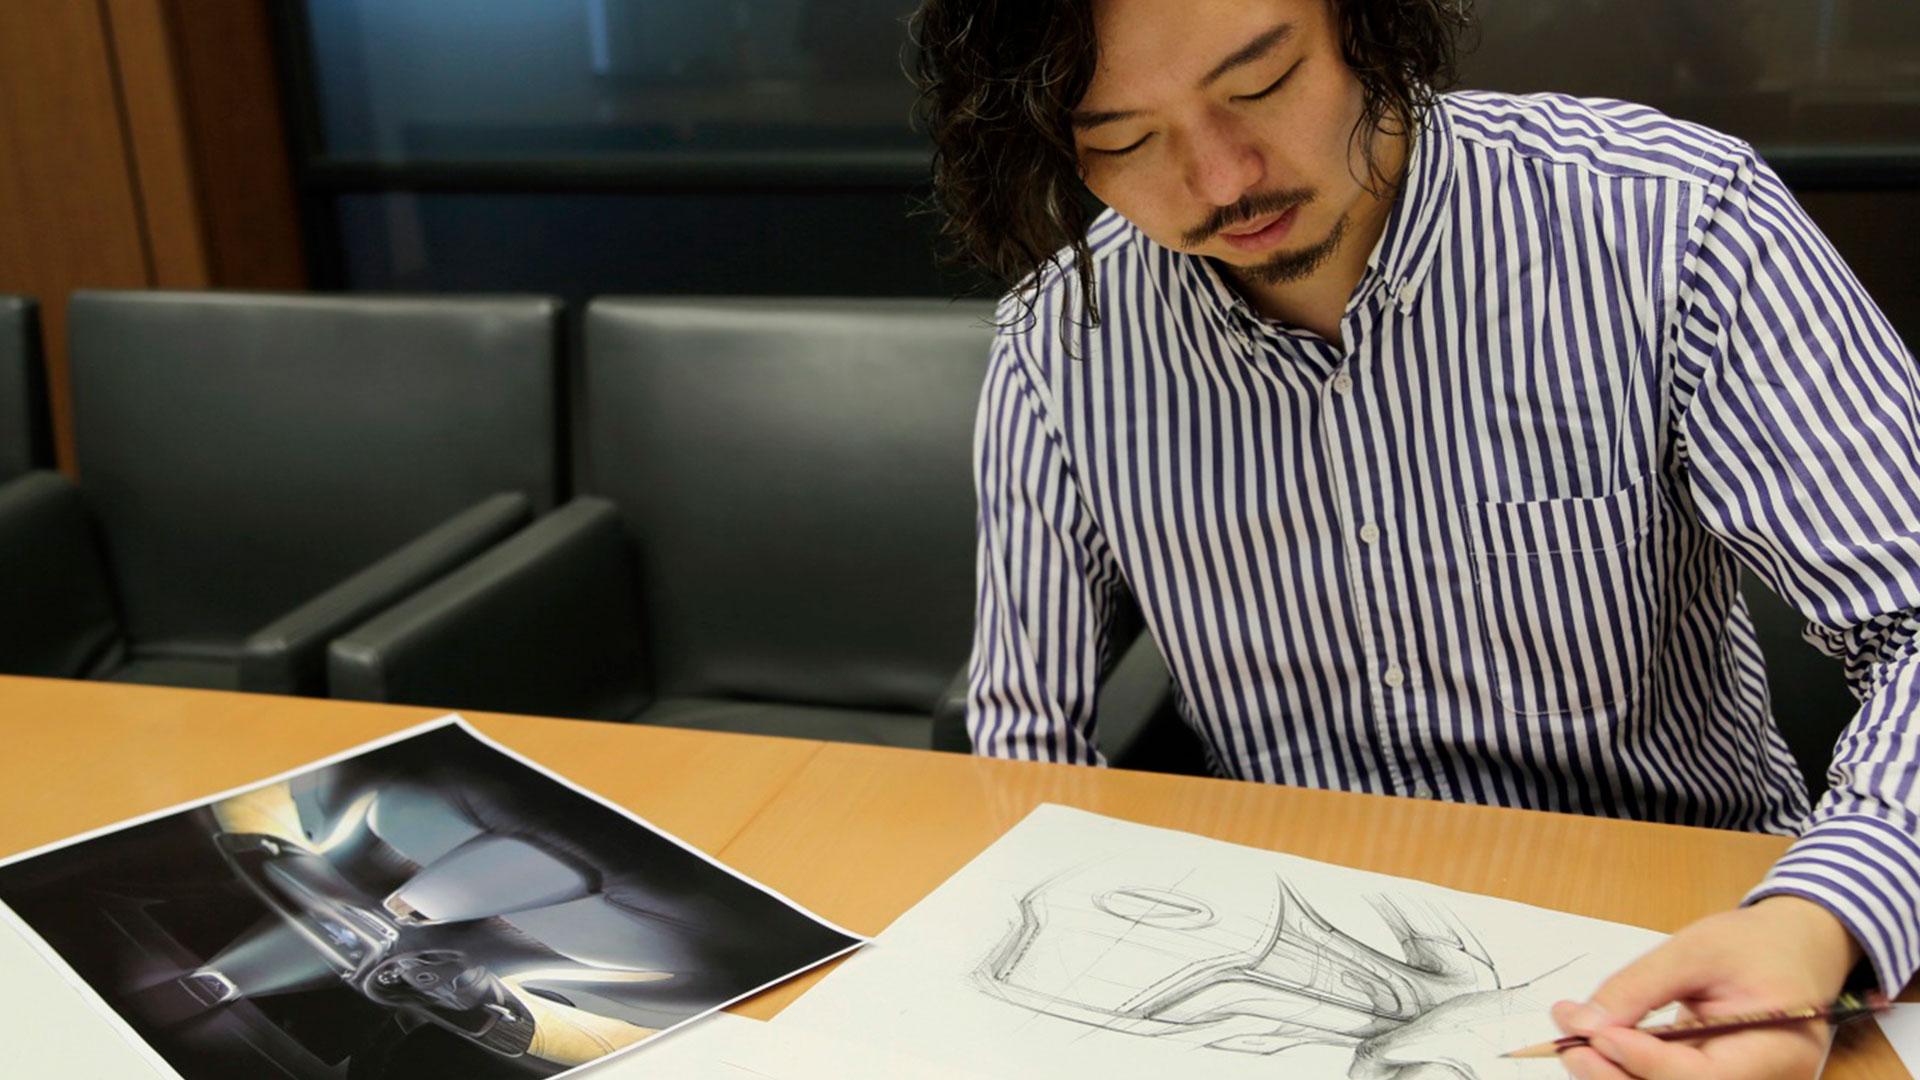 Imagen del diseñador de Lexus Keitarou Hinoue